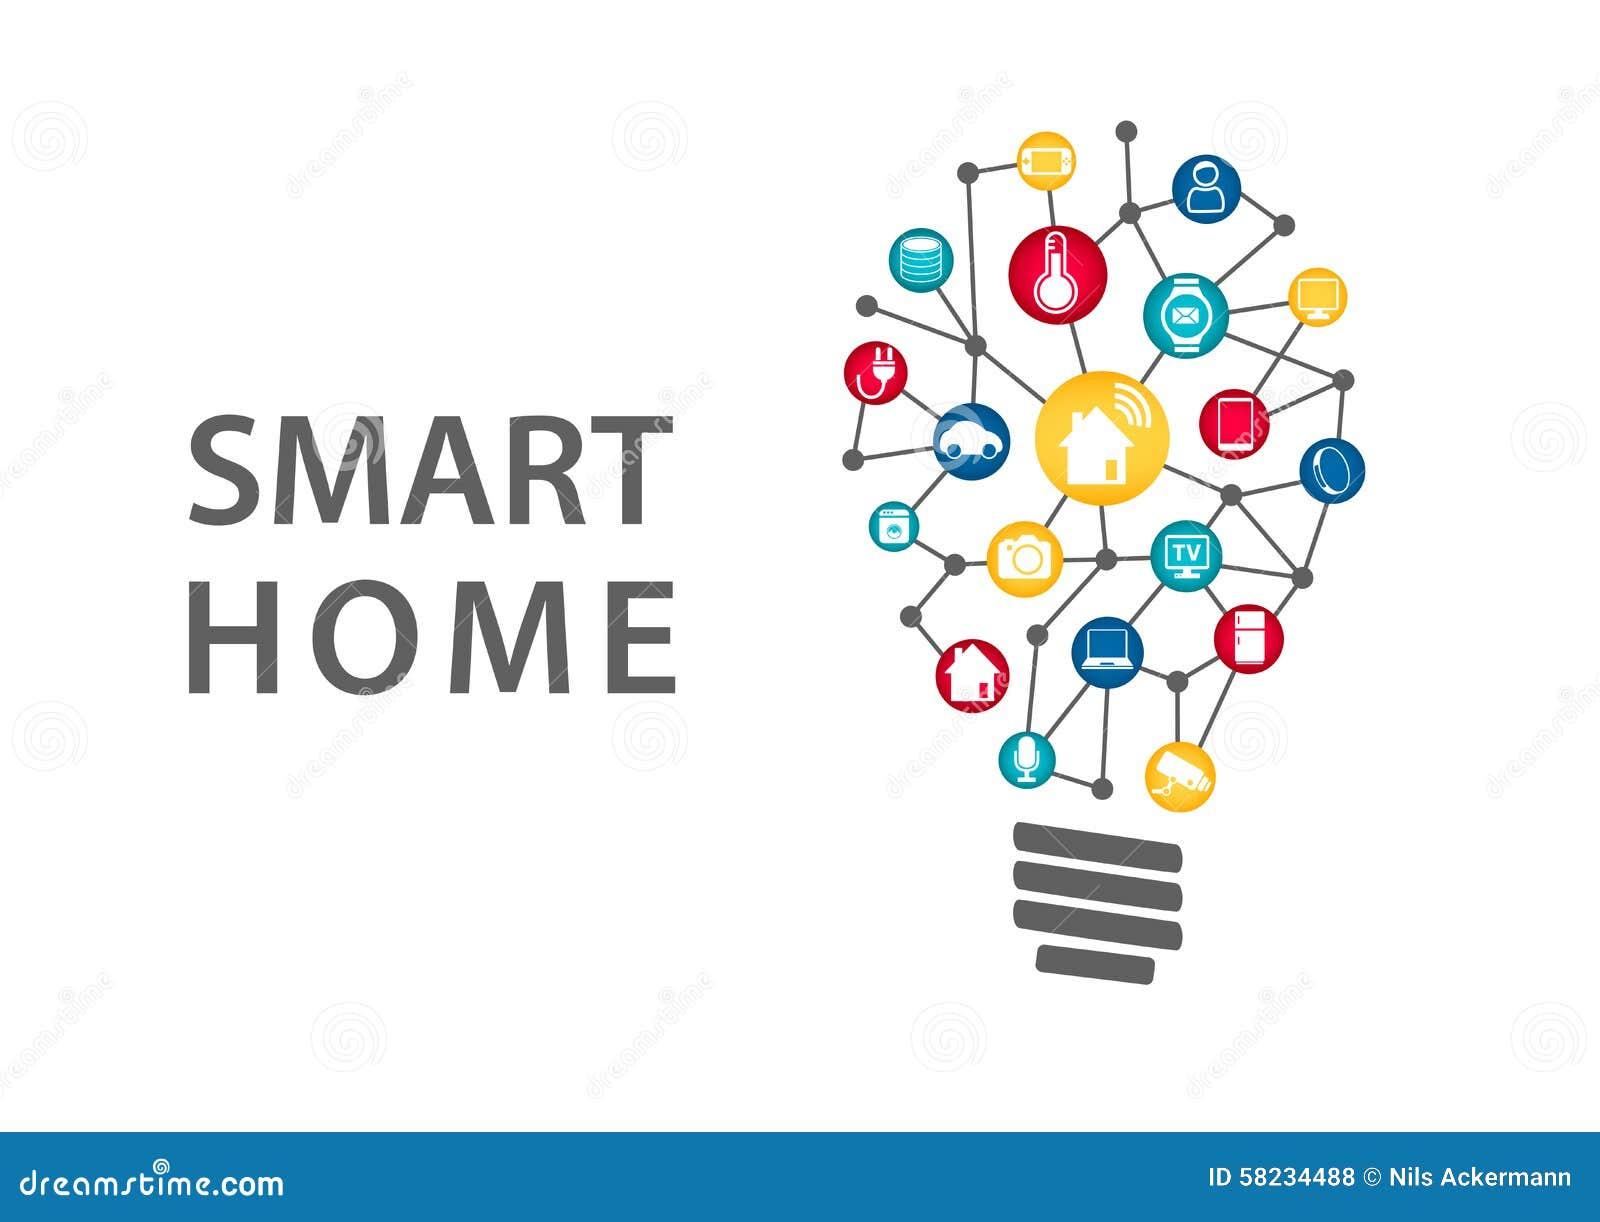 Home Automation Appliances